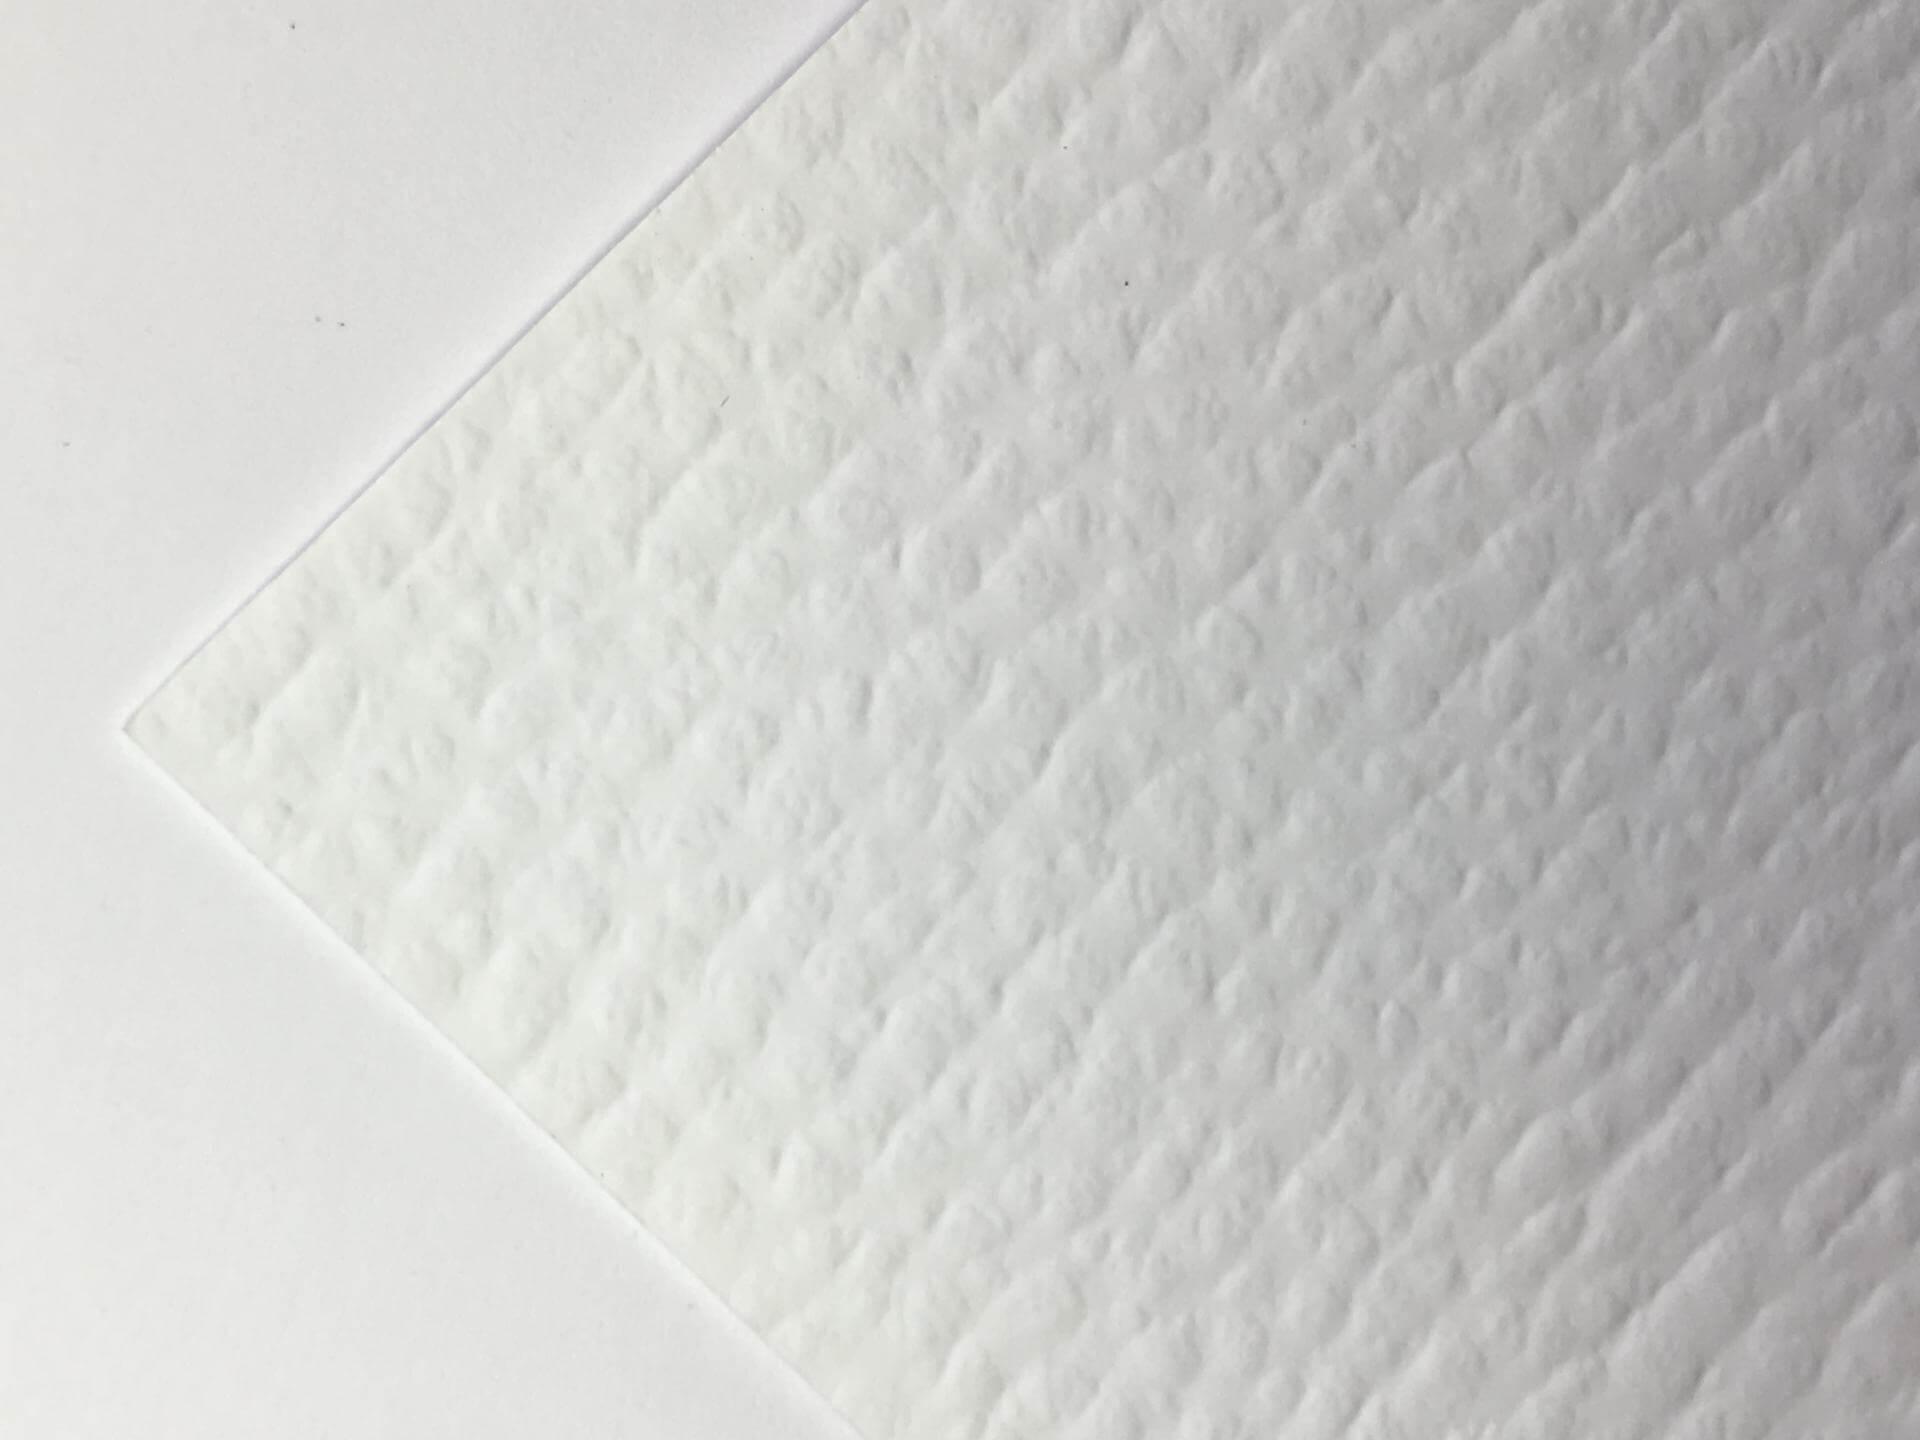 Бумага с тиснением LeatherLike white classic, 120г/м2, 30х30 см